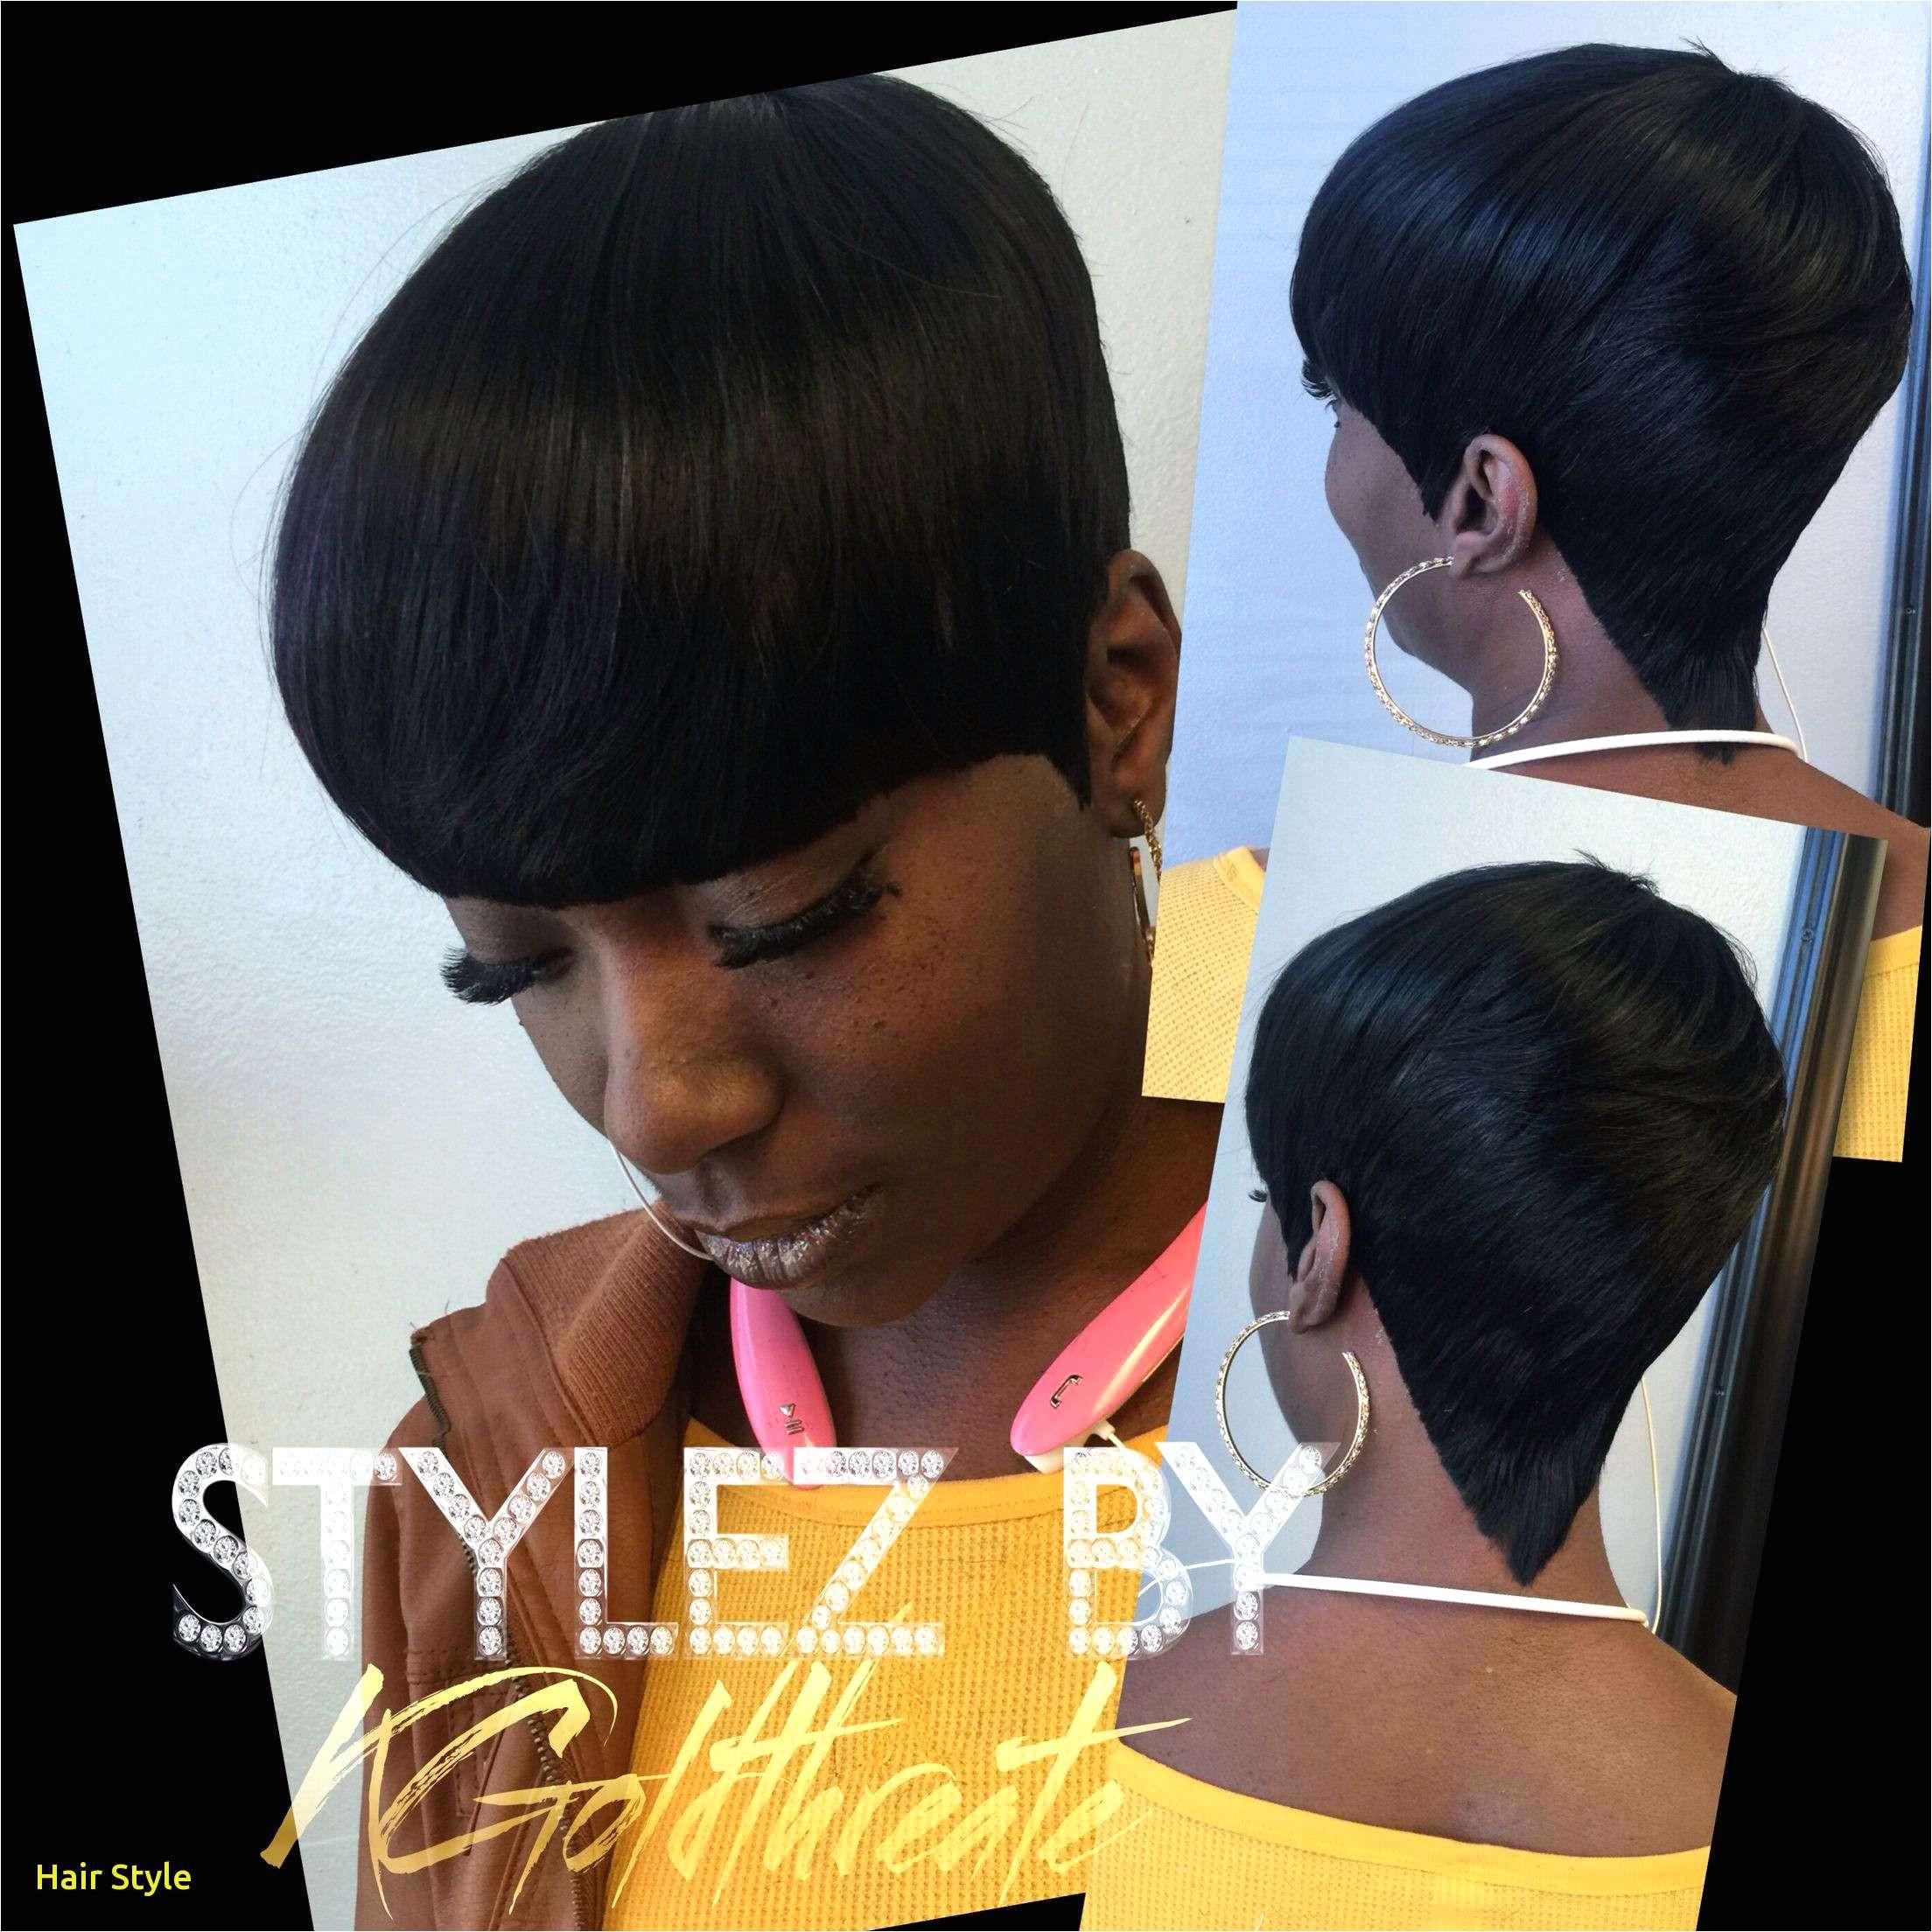 New Haircut 2019 Frauen Neu Frisuren Stile 2019